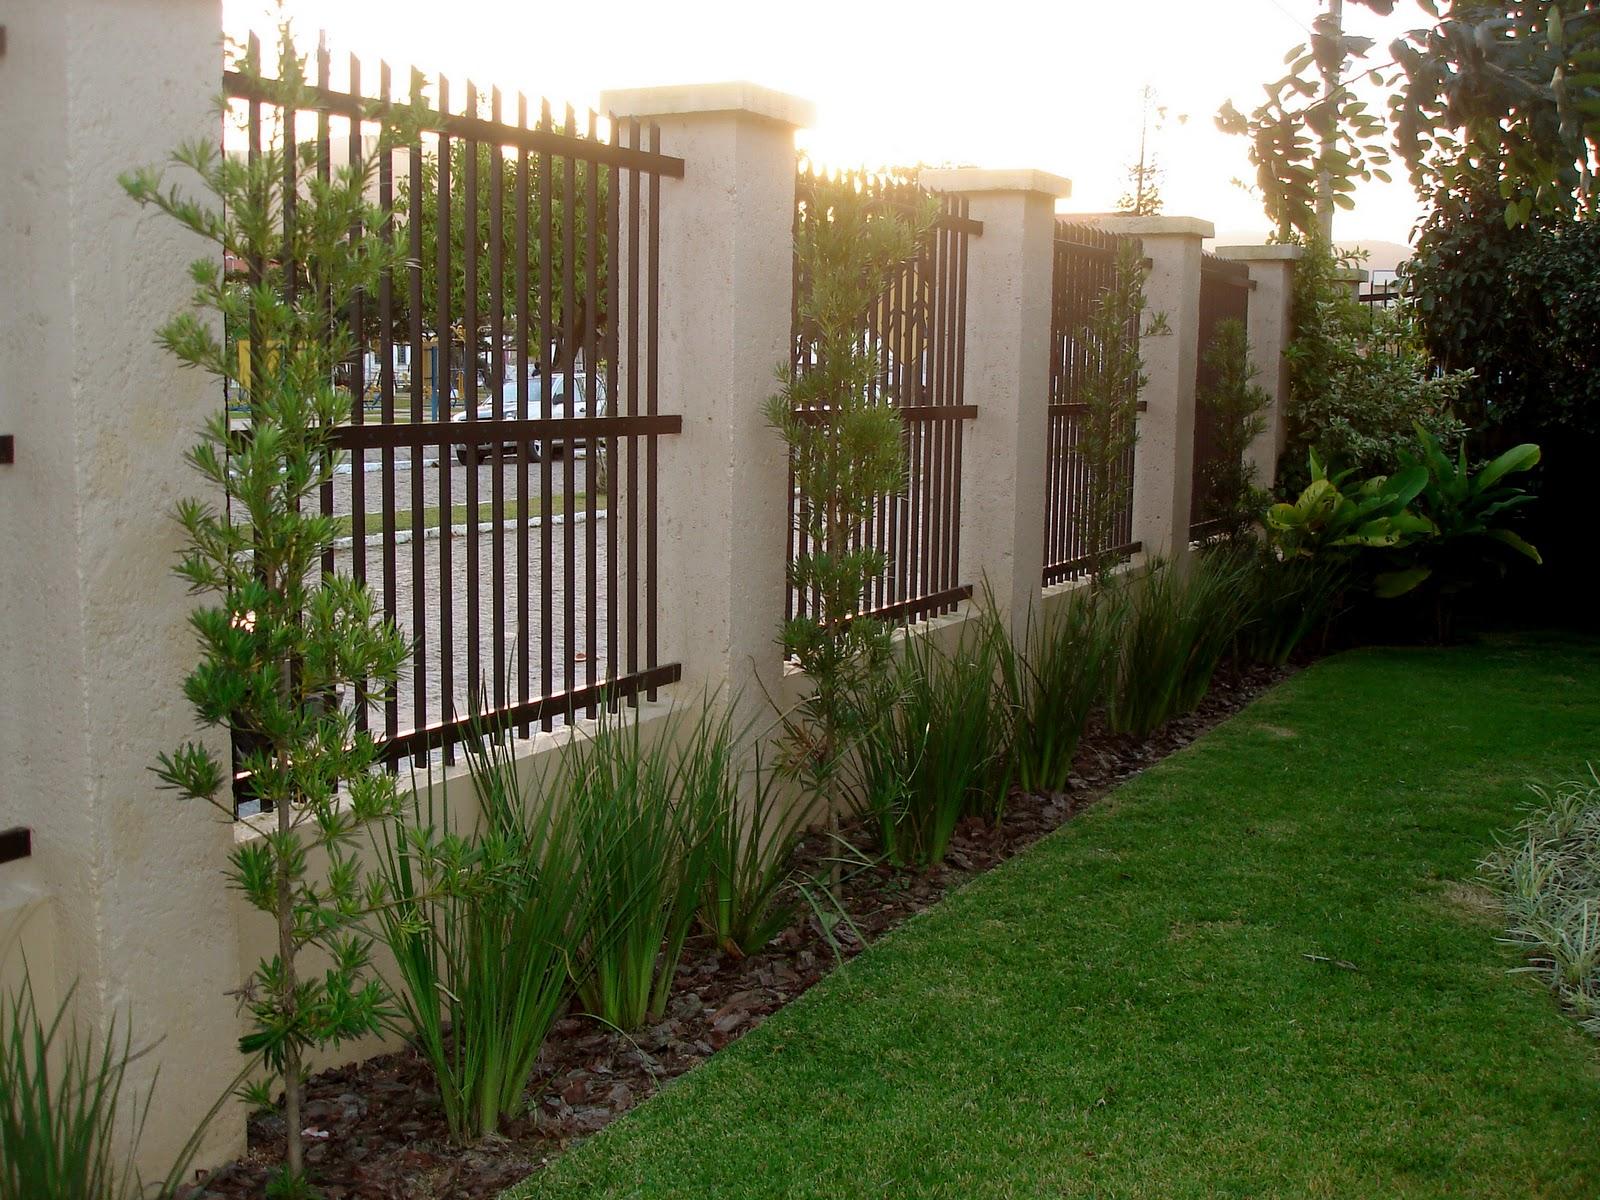 fotos jardim residencial : fotos jardim residencial: de Jardins: Projeto e execução: jardim residencial (Imbituba/SC